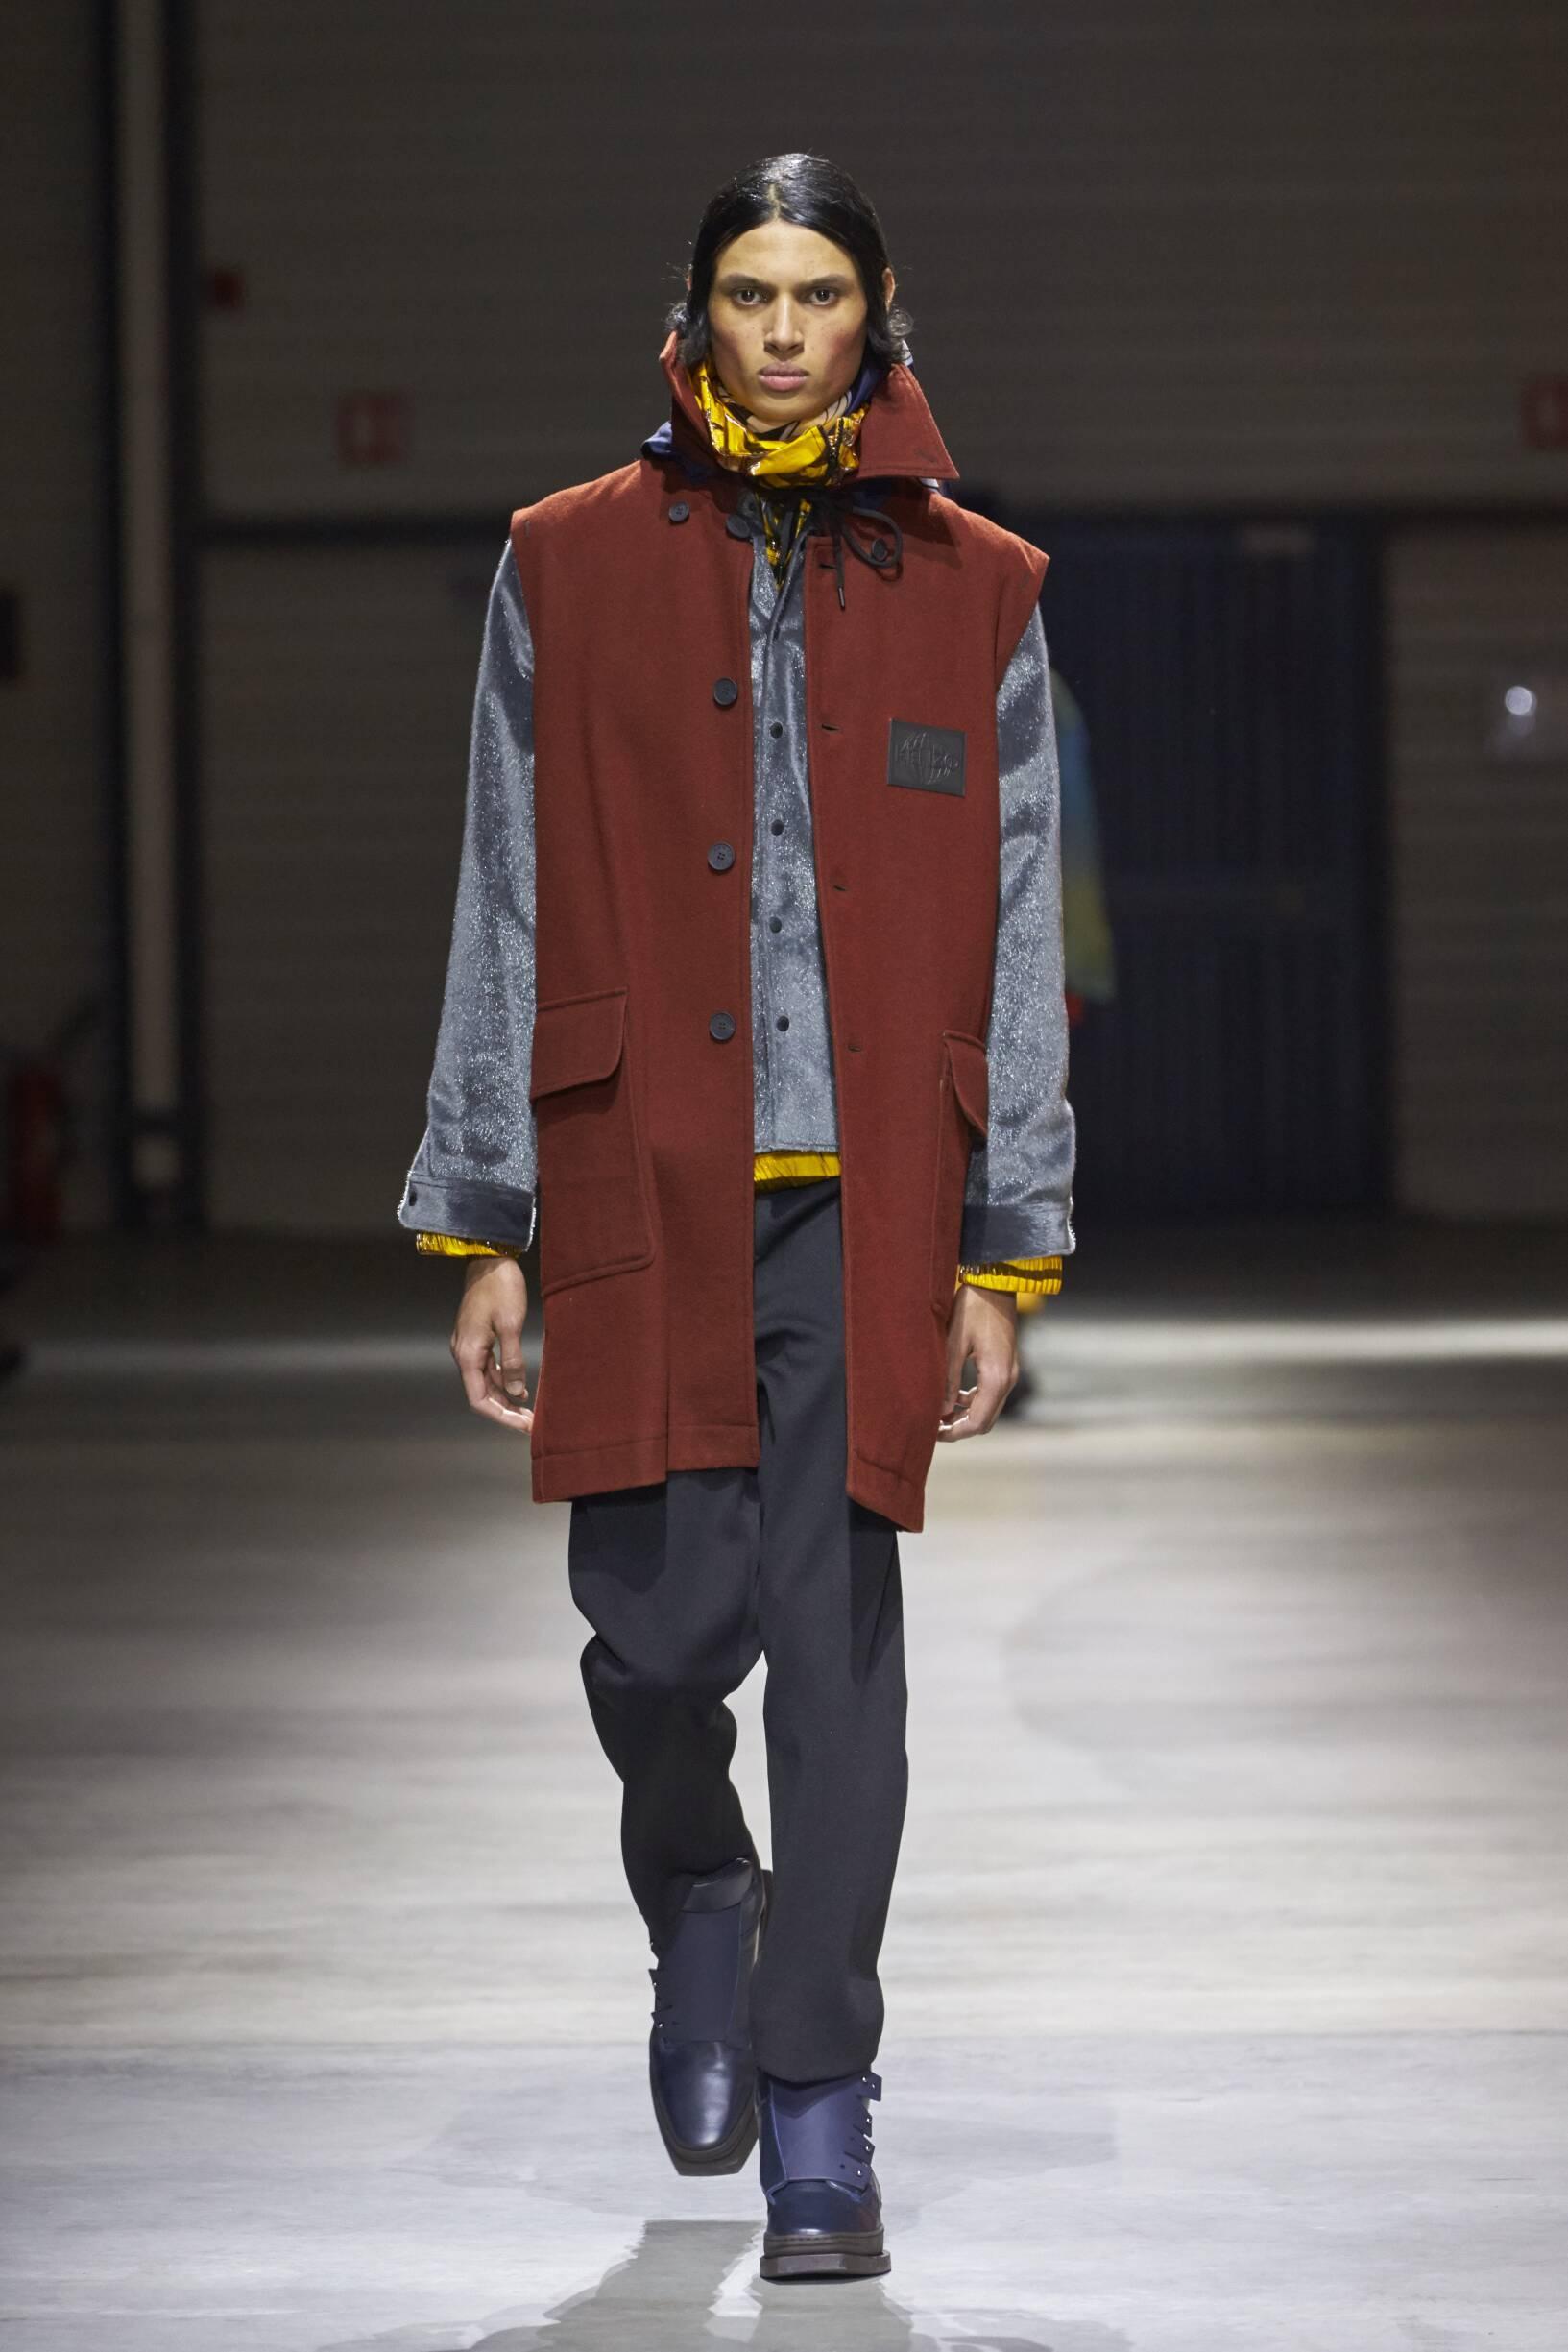 2017 Menswear Kenzo Catwalk